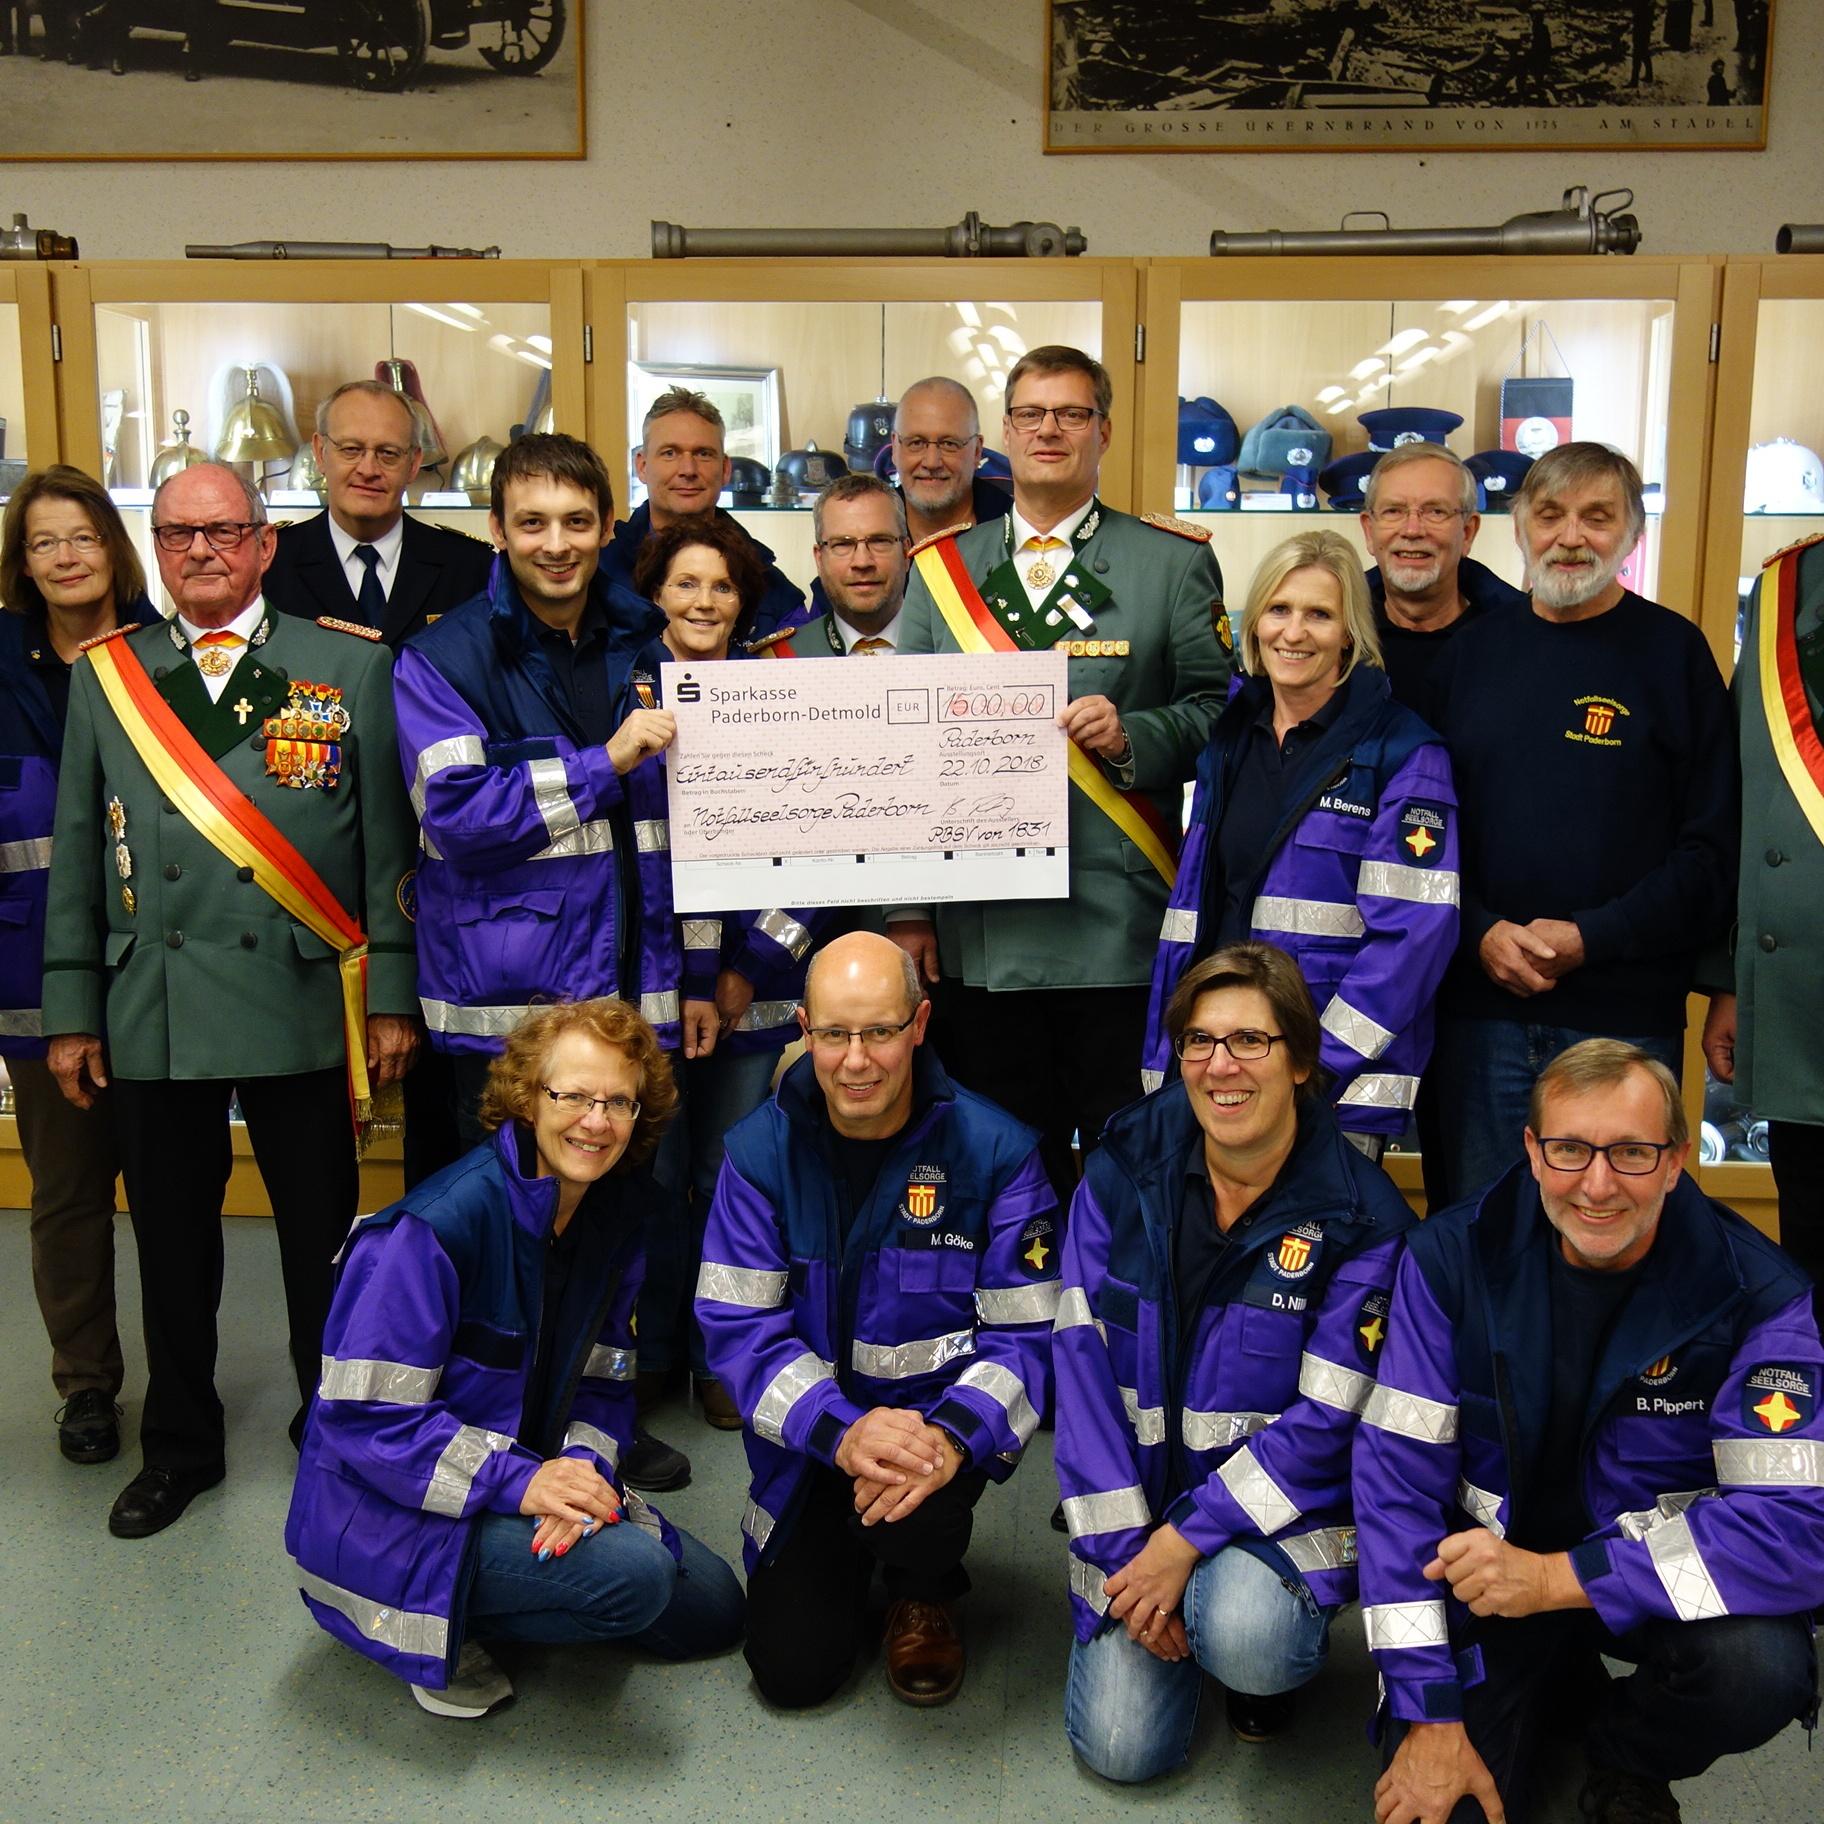 Spende des Paderborner-Bürger-Schützenvereins von 1831 1.500 Euro für die Notfallseelsorge